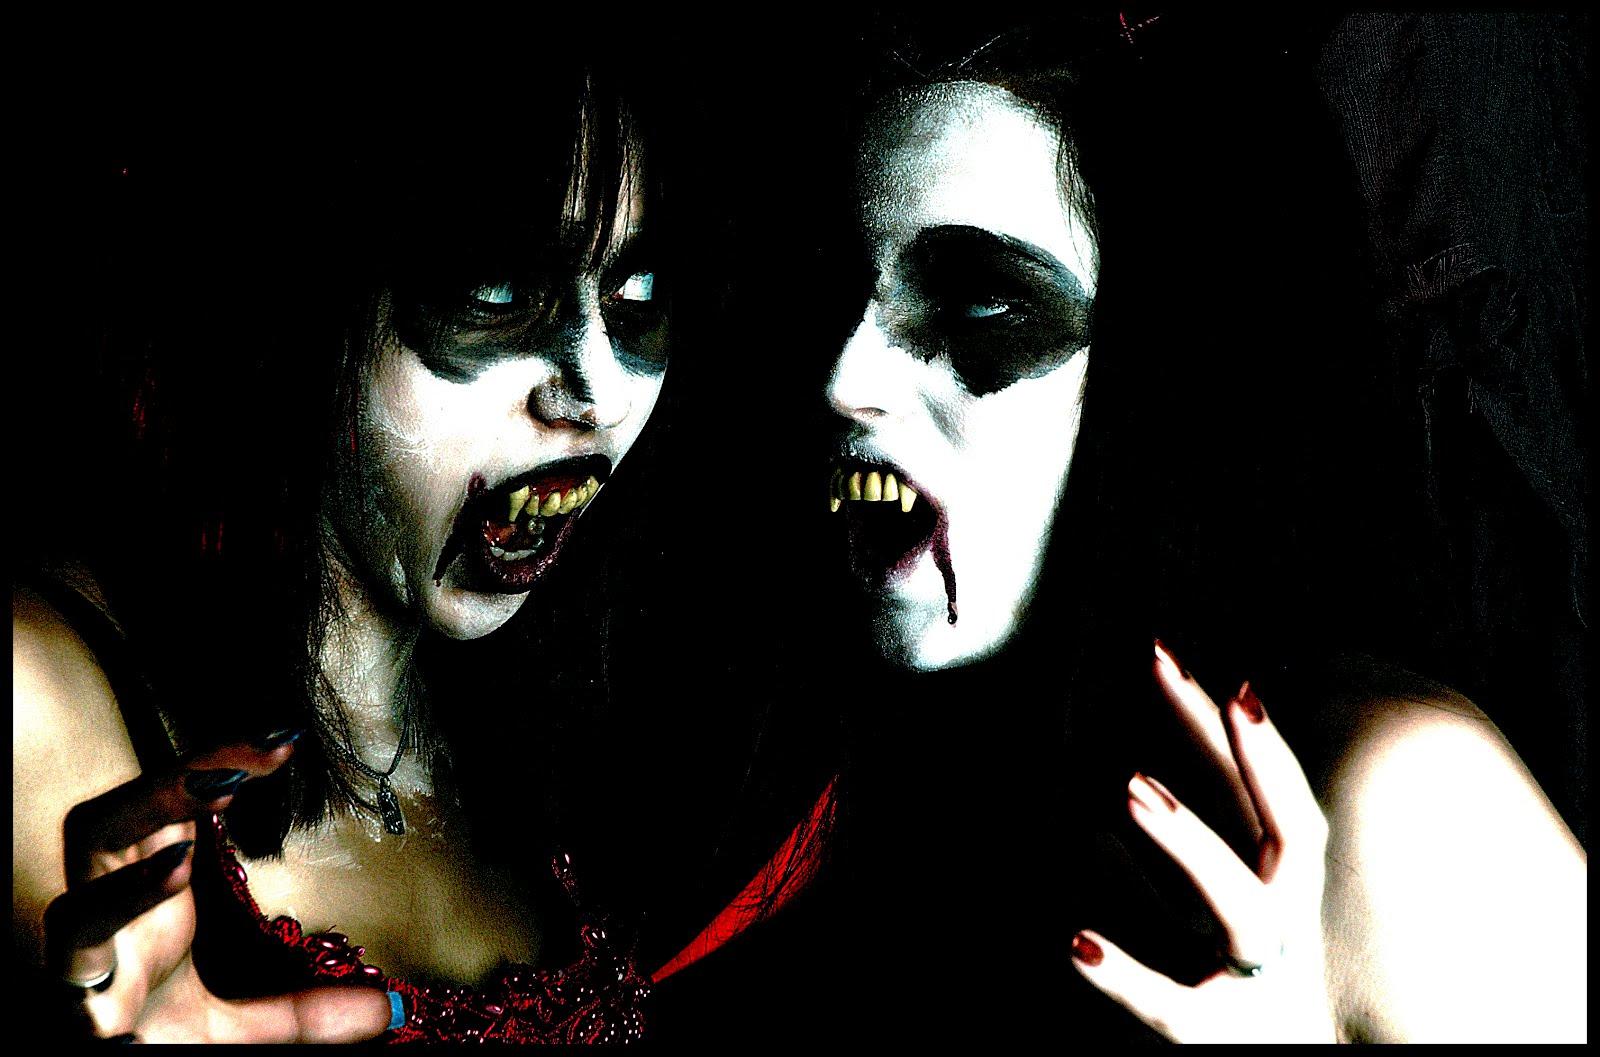 http://2.bp.blogspot.com/-N8LMv6g4-KU/T60E37CHjxI/AAAAAAAABiw/JMMf3X3JYZM/s1600/wallpapers_vampiros_fondo_negro_02.jpg